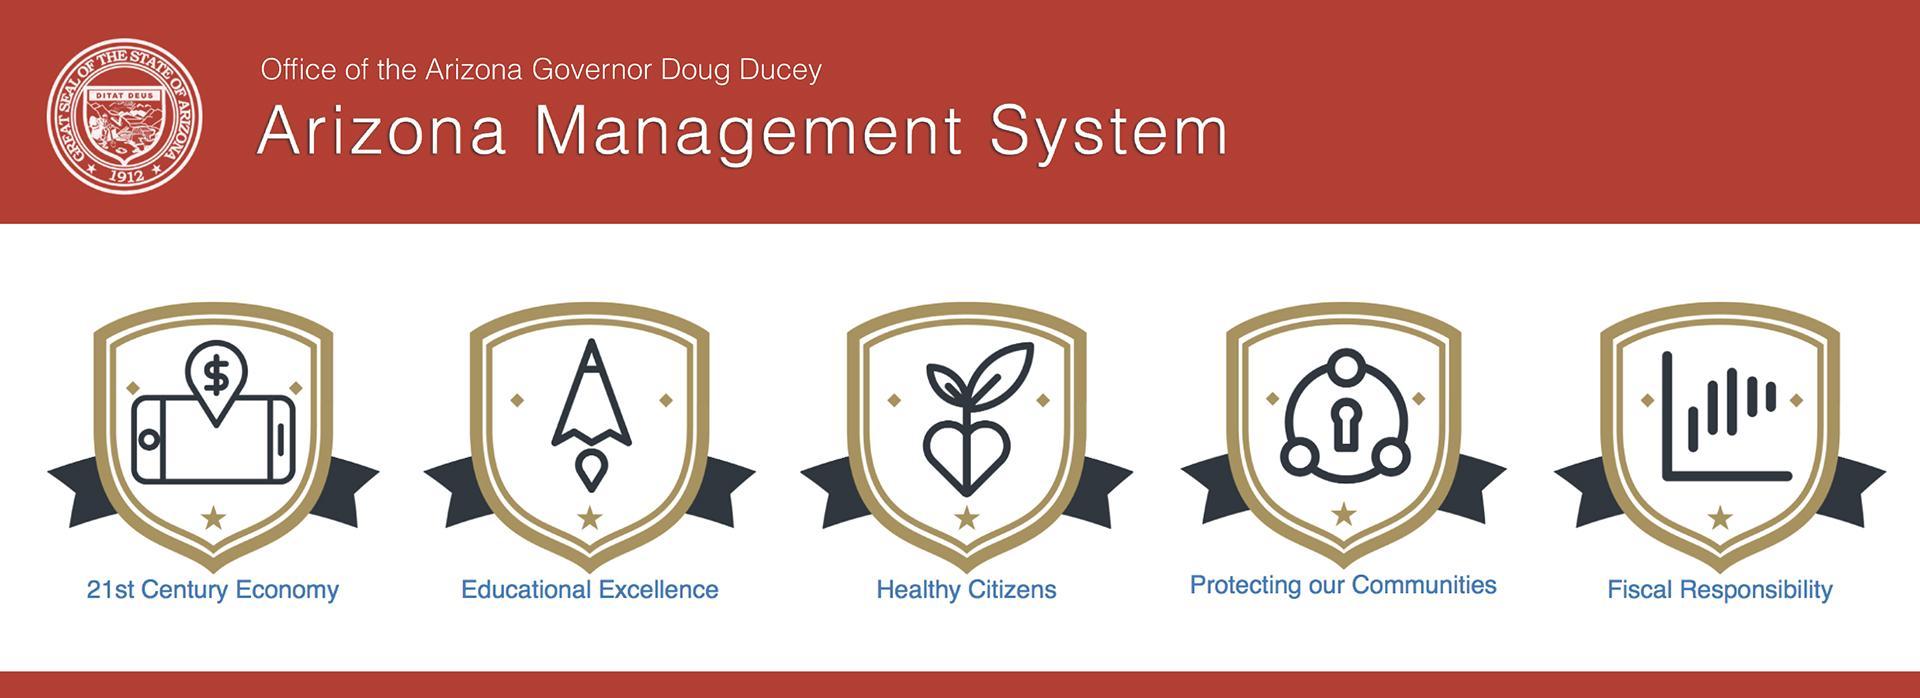 Arizona Management System